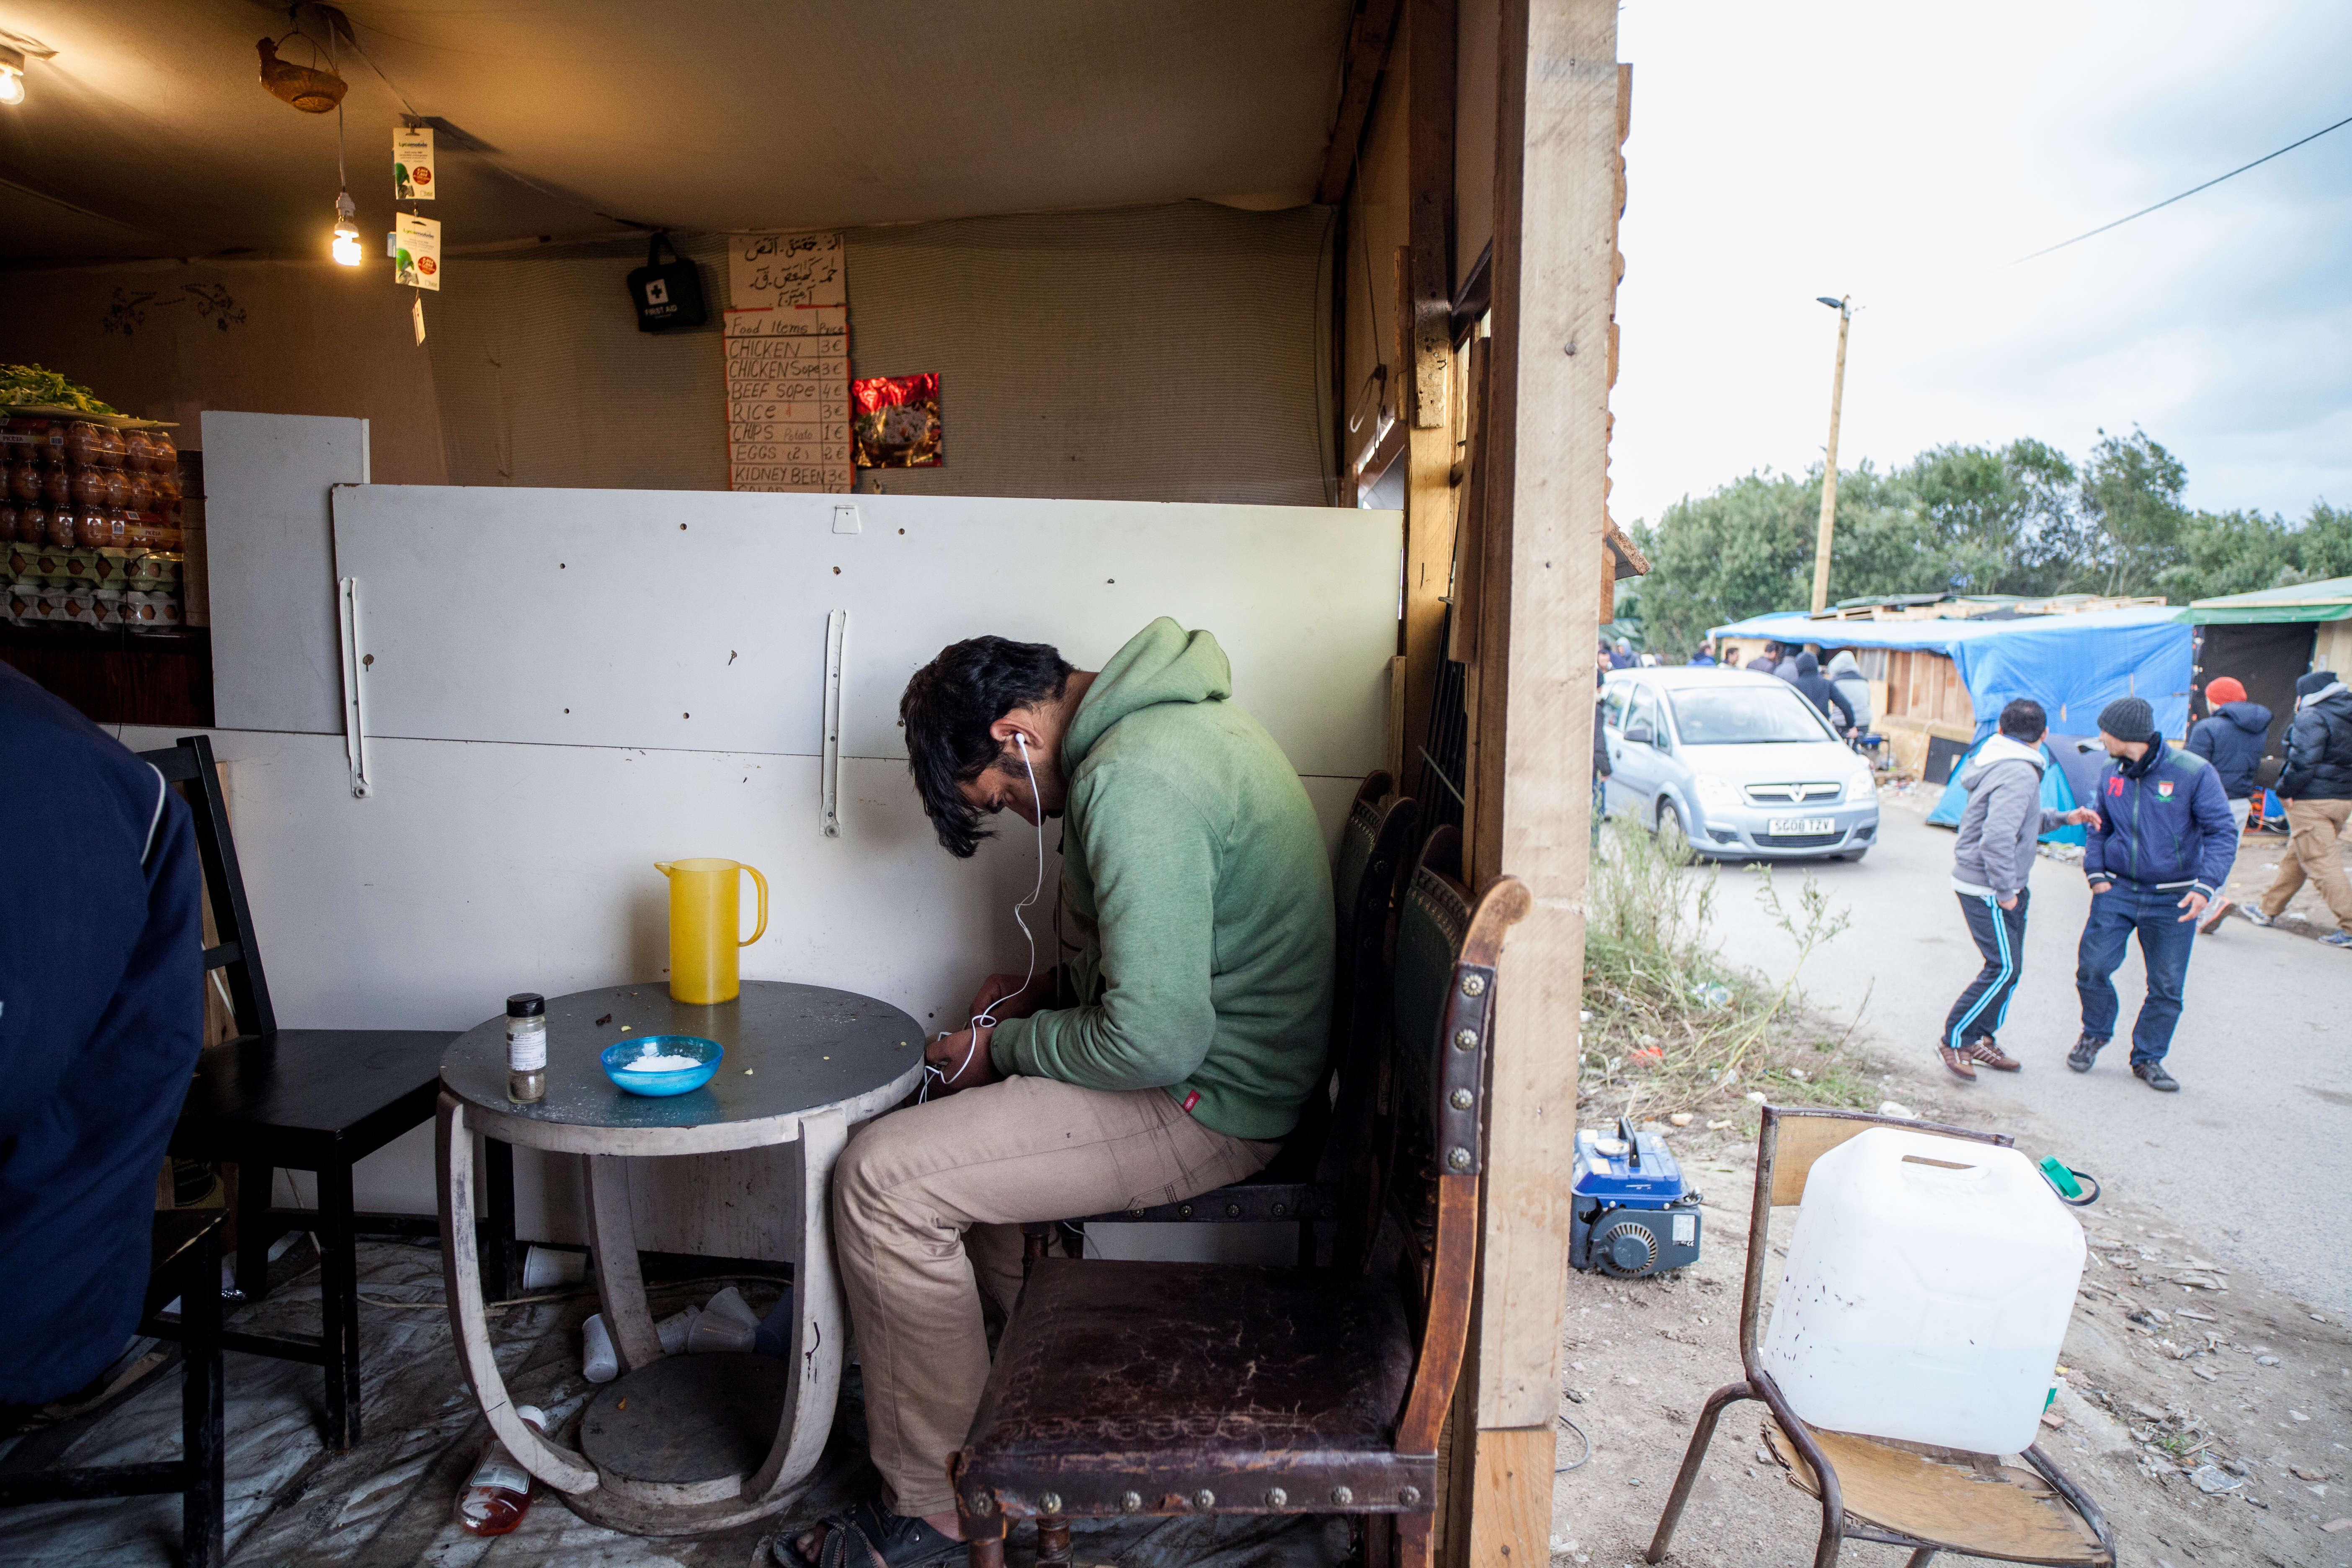 """Des cafés sont aménagés. On peut y boire un thé ou un café. """"On estimait à 5 000 le nombre de migrants ici avant le week-end [samedi 10 et dimanche 11 octobre]"""", résume François Guennoc, de l'association l'Auberge des migrants. """"On ne doit pas être loin de 6 000, alors"""", complète un autre. Au début du printemps, ils étaient 2 000."""